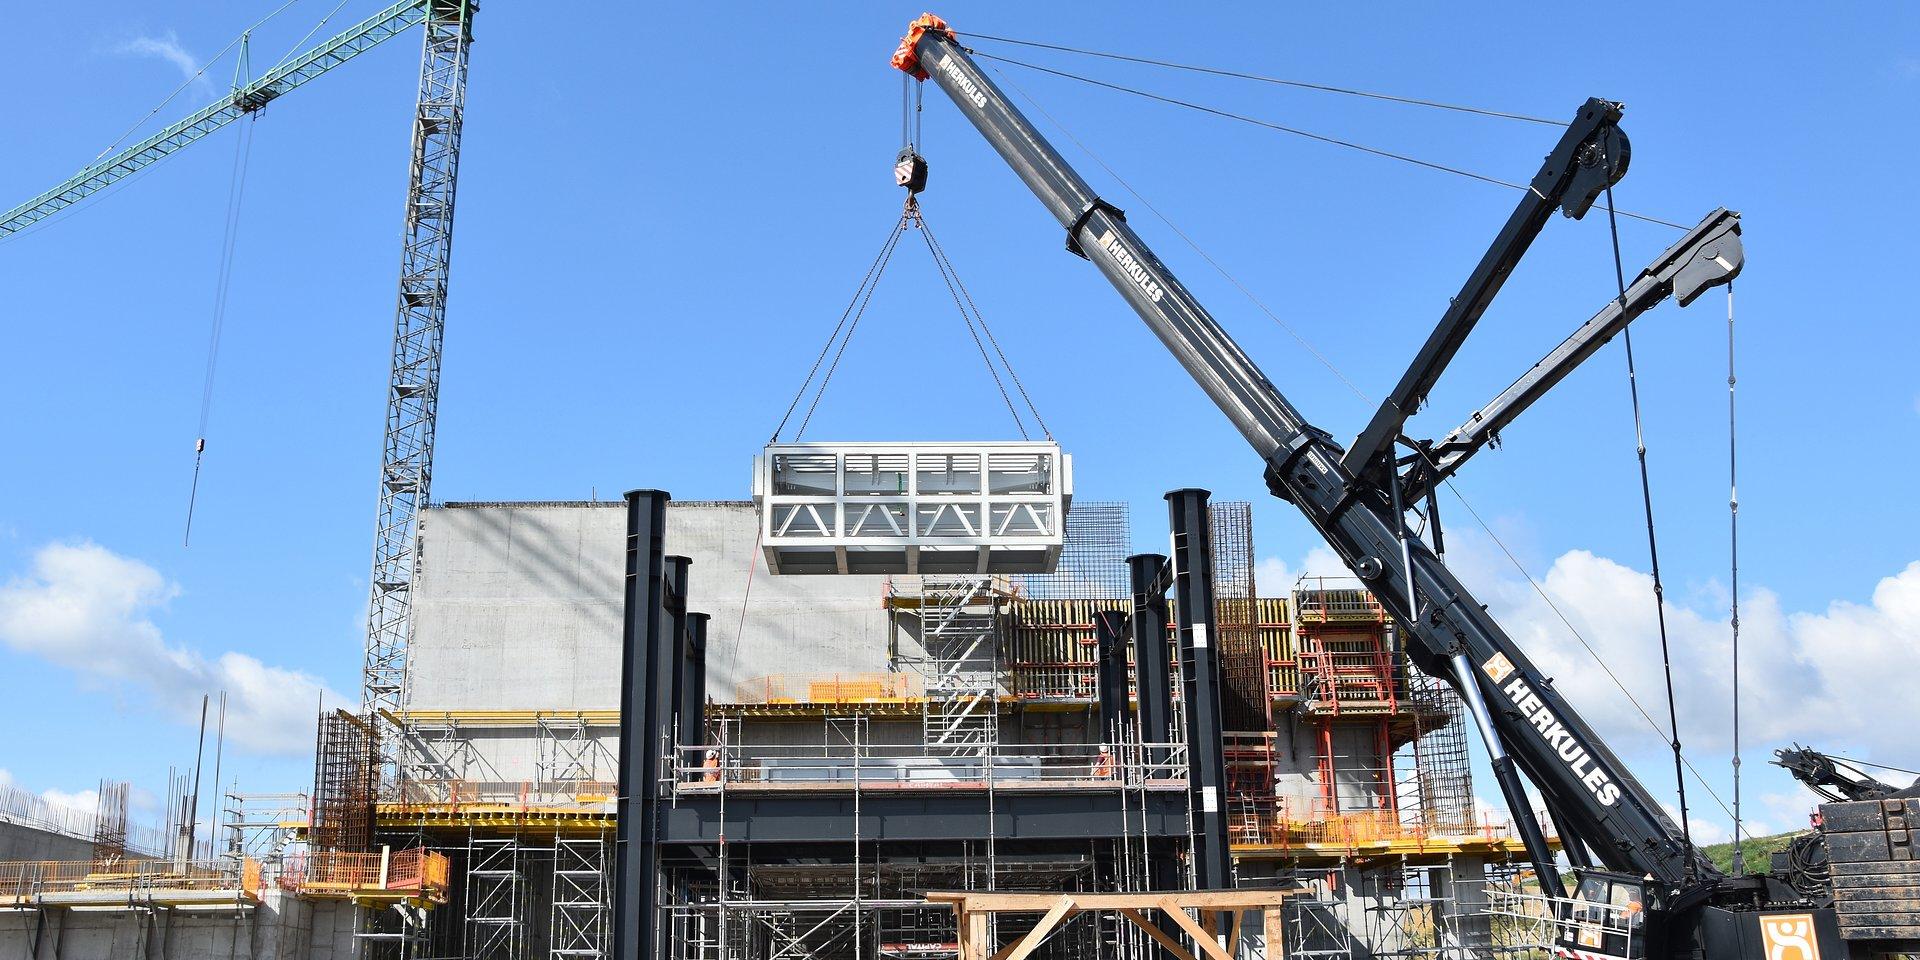 Montaż rusztu w gdańskiej spalarni odpadów. Budowa wchodzi w kolejny etap.